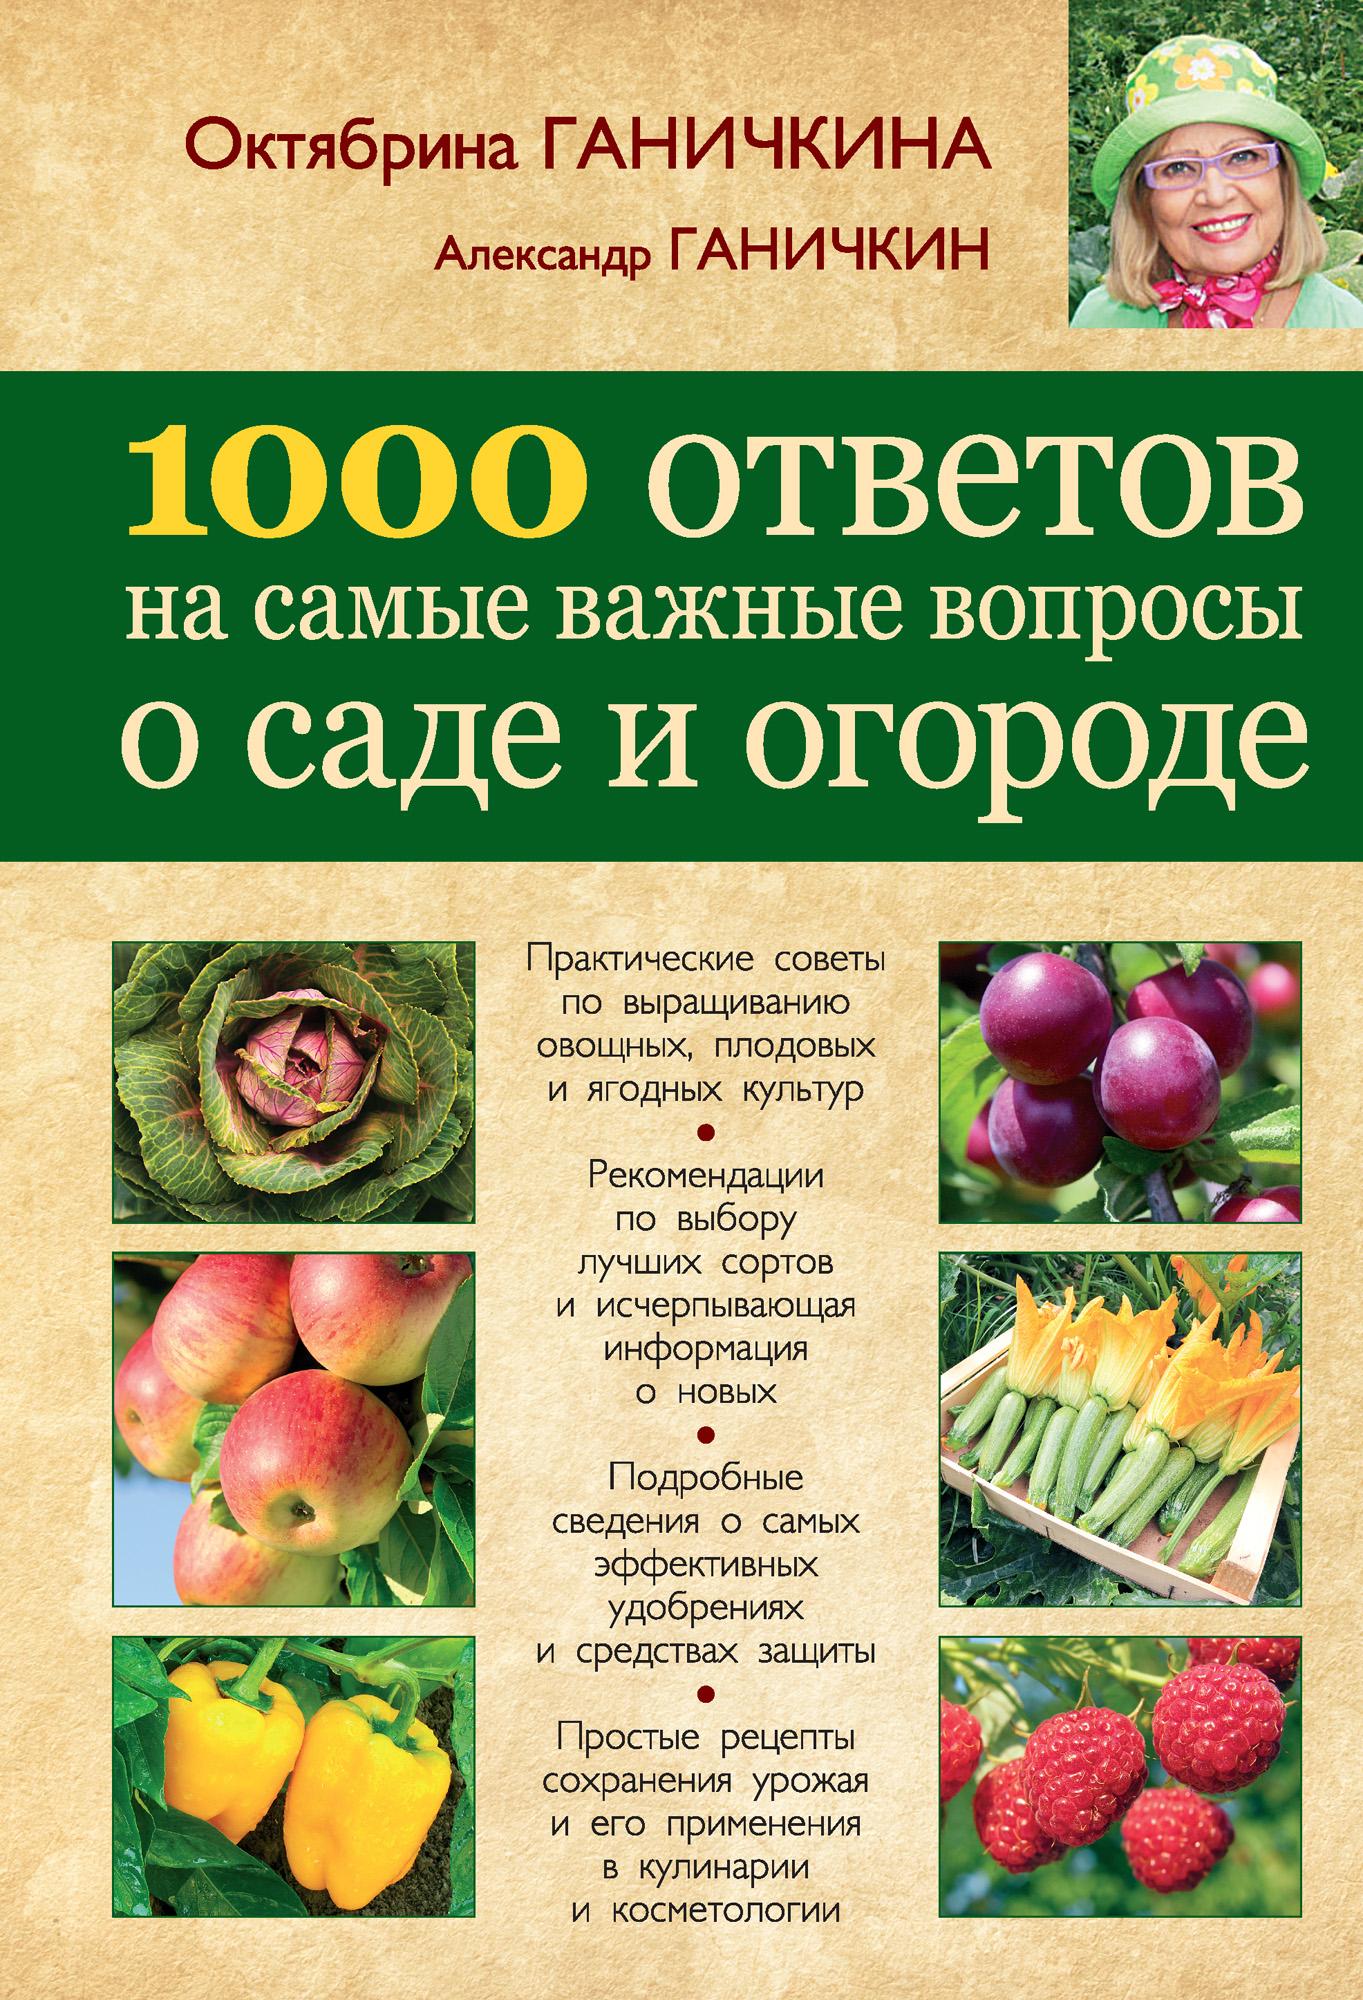 1000ответов на самые важные вопросы о саде и огороде